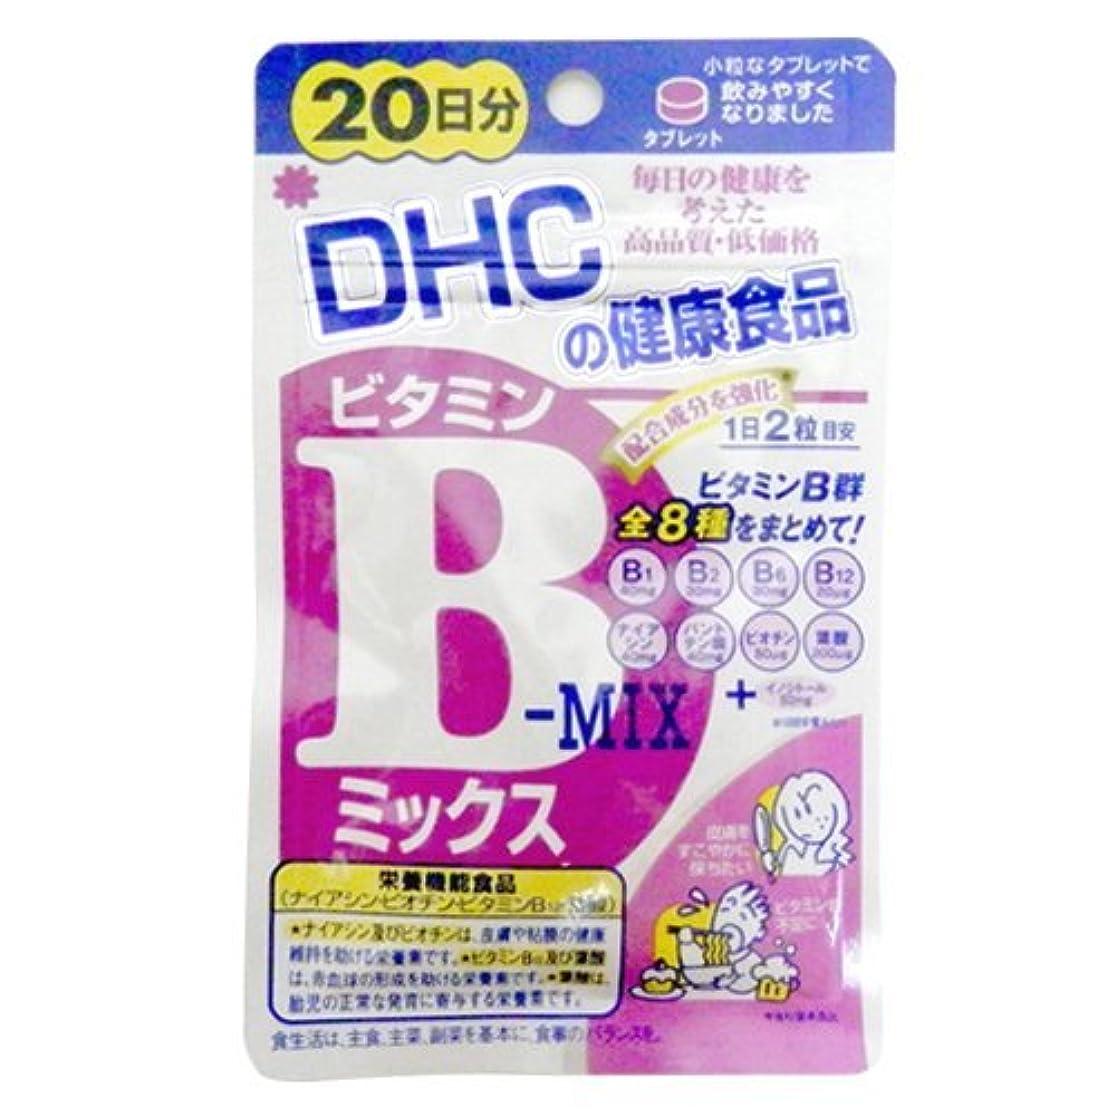 睡眠湖見分けるDHC ビタミンBミックス 20日分 40粒